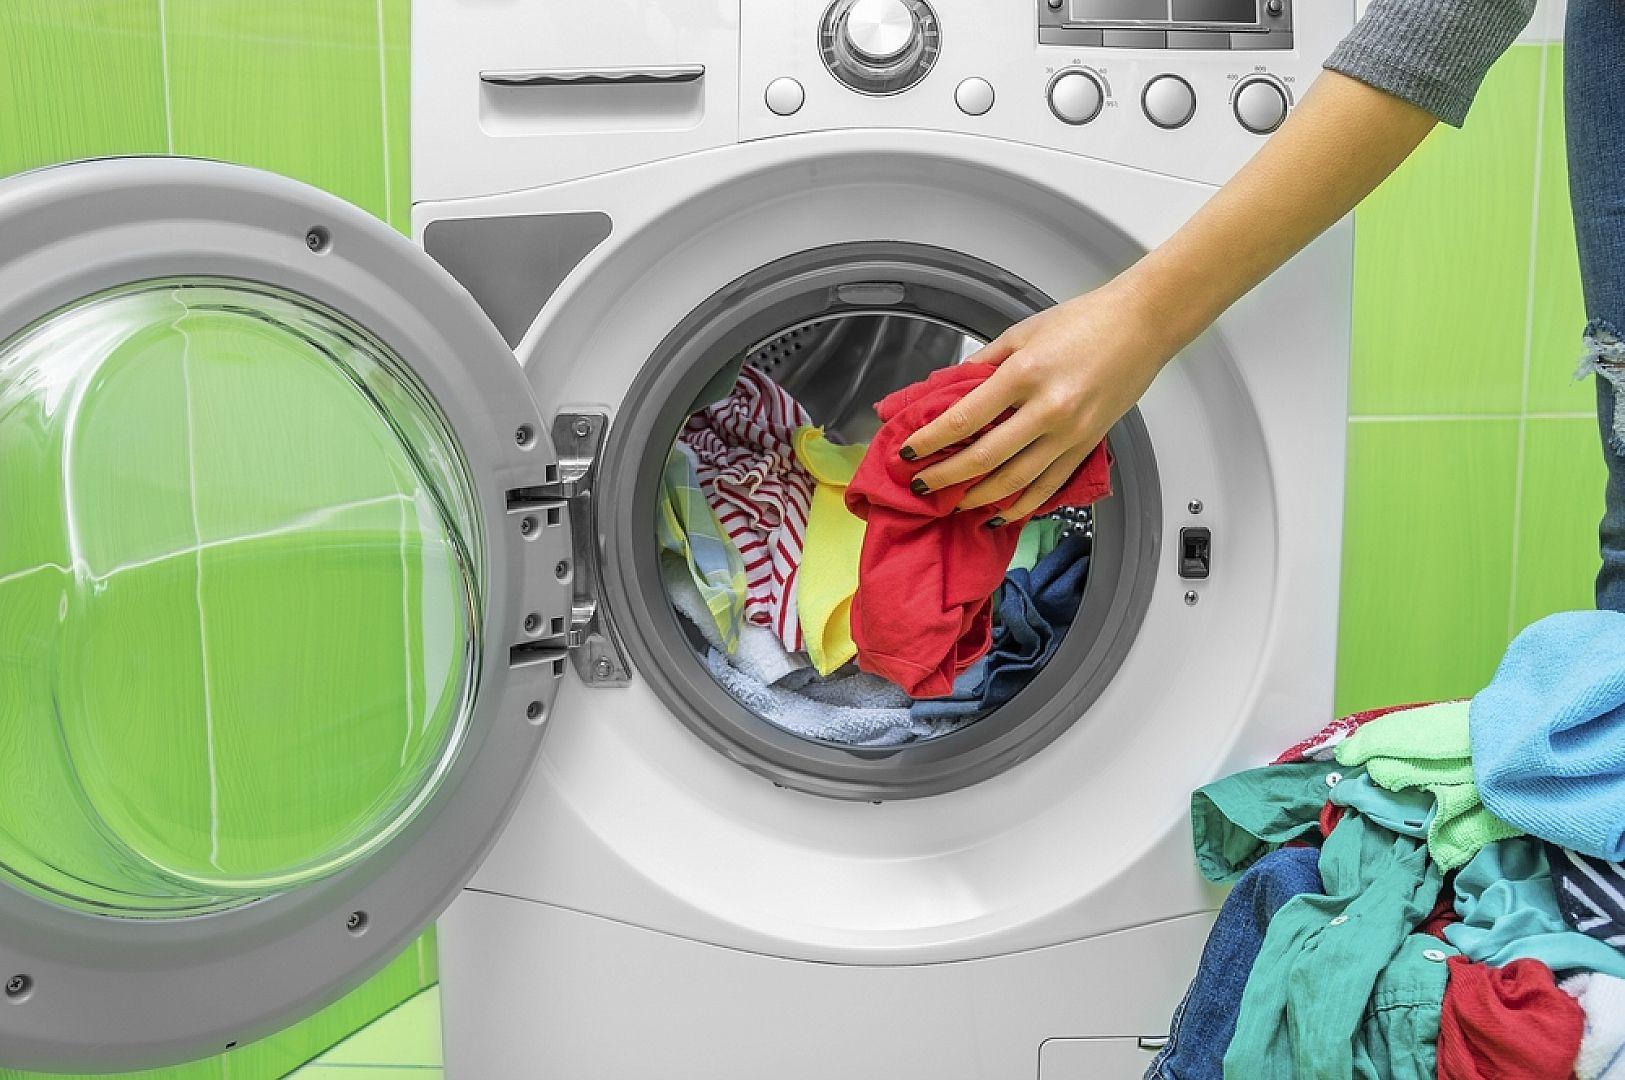 вытащить вещи из стиральной машины